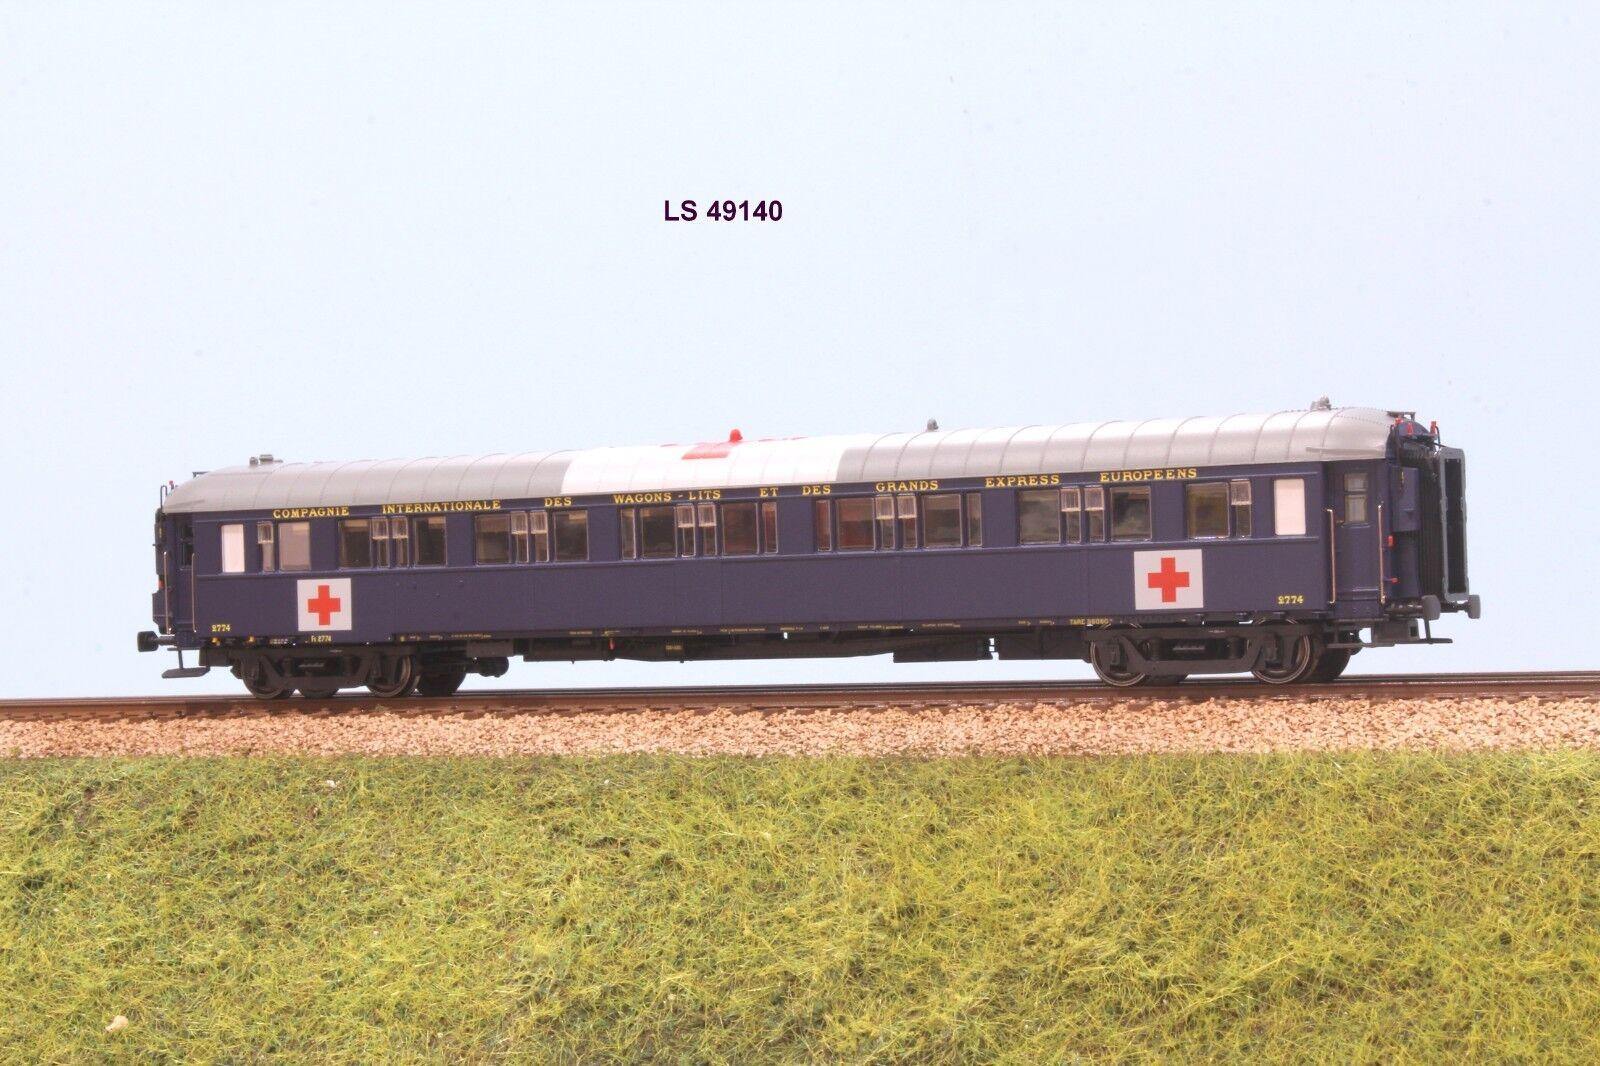 LS Förlaga 49140 CIWL bilrozza letti tipo S2 ep.II con insigne croce rossa